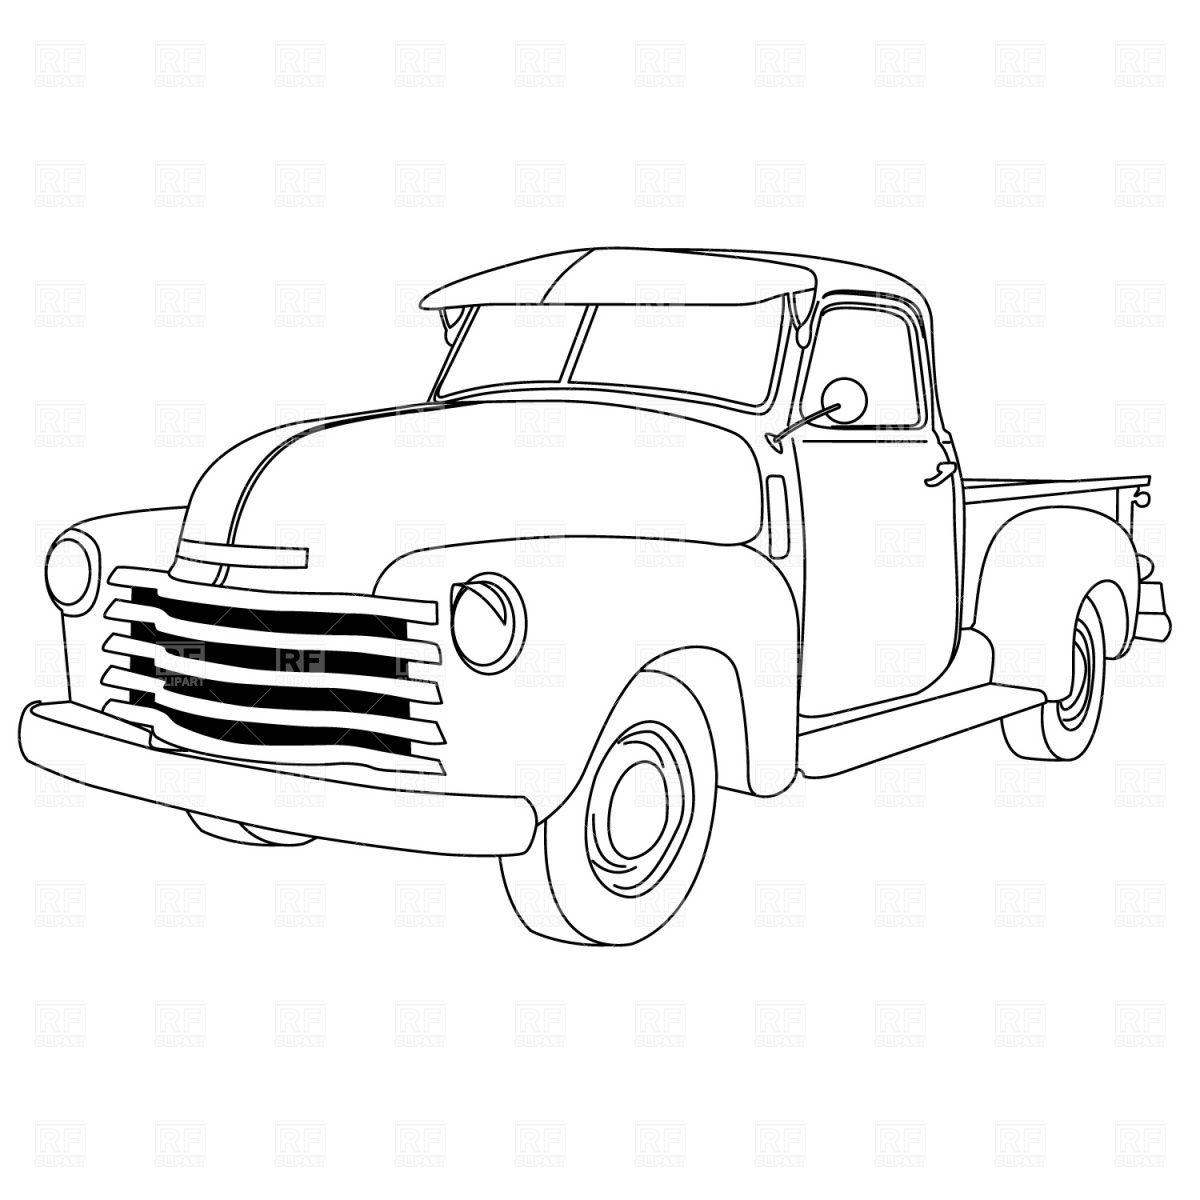 77 dodge pickup ledningsdiagram